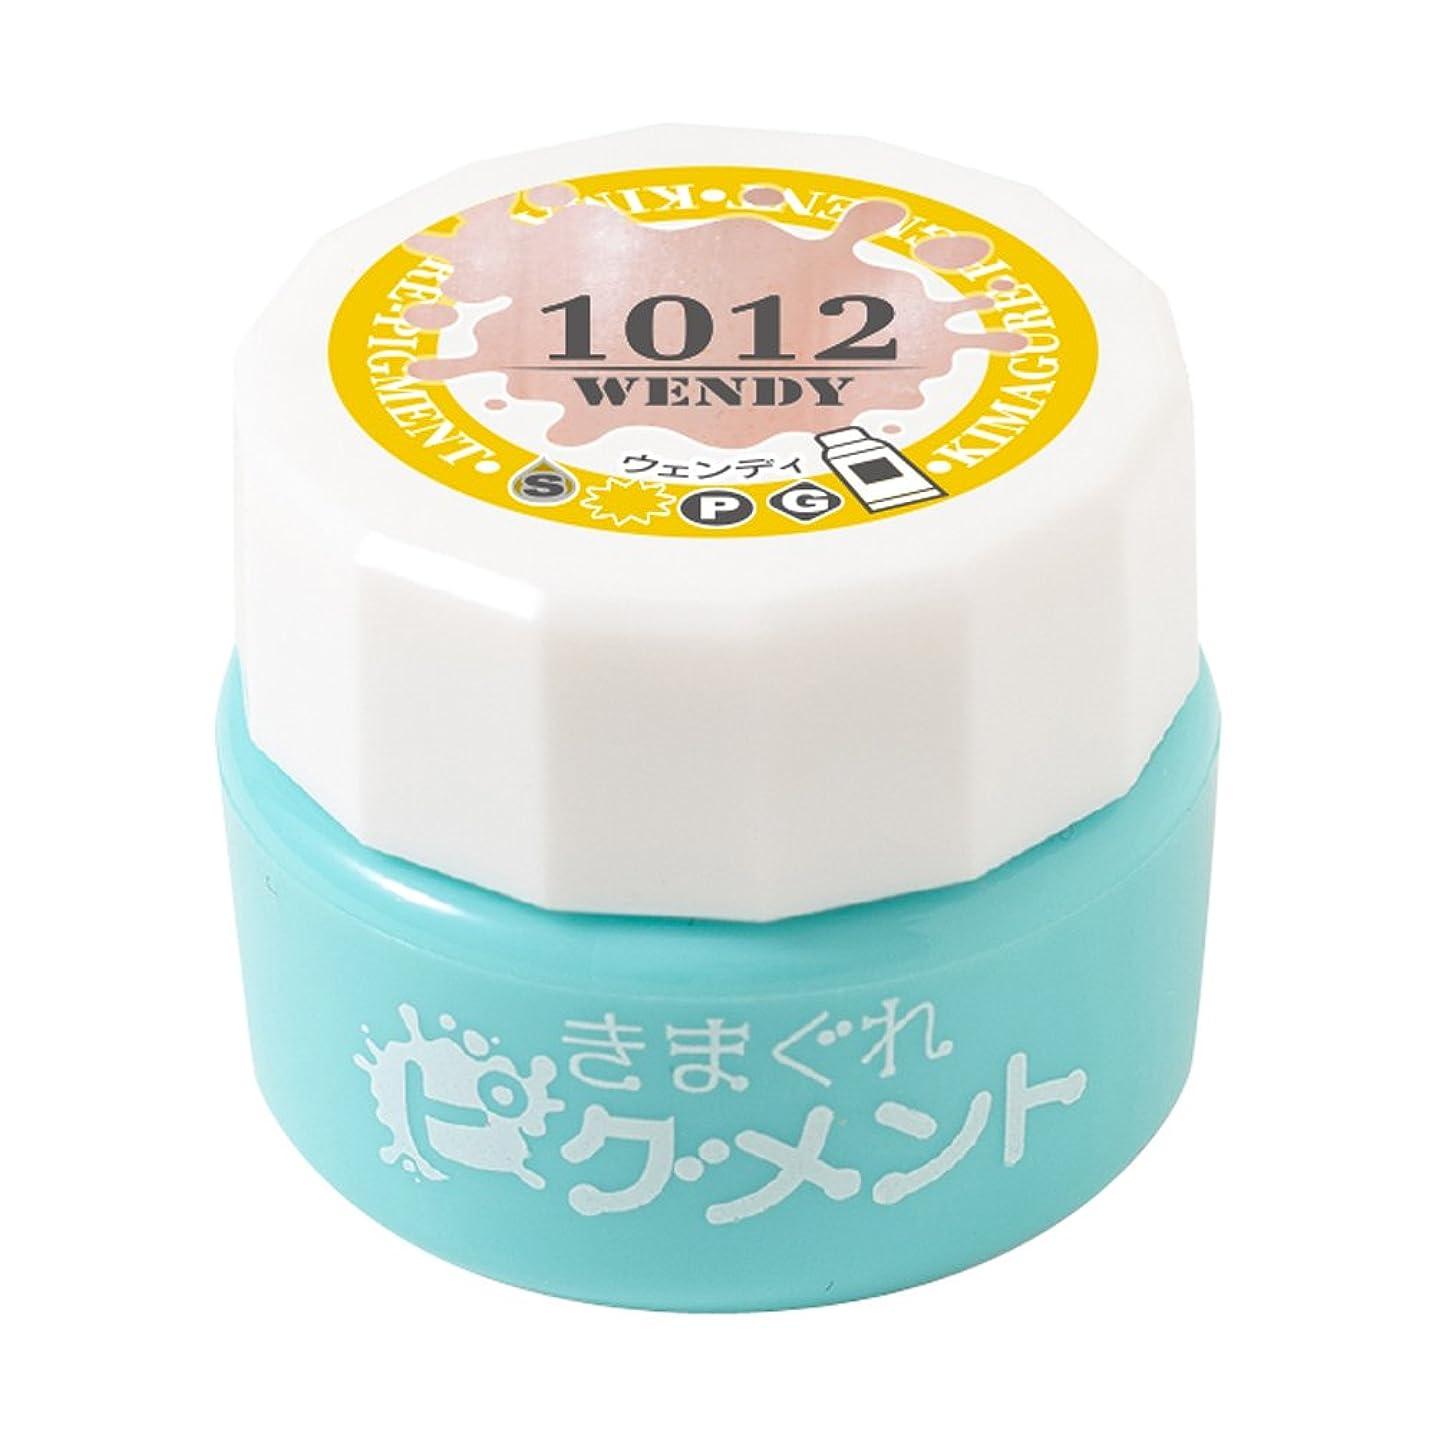 四分円ディレクトリ製品Bettygel きまぐれピグメント ウェンディ QYJ-1012 4g UV/LED対応